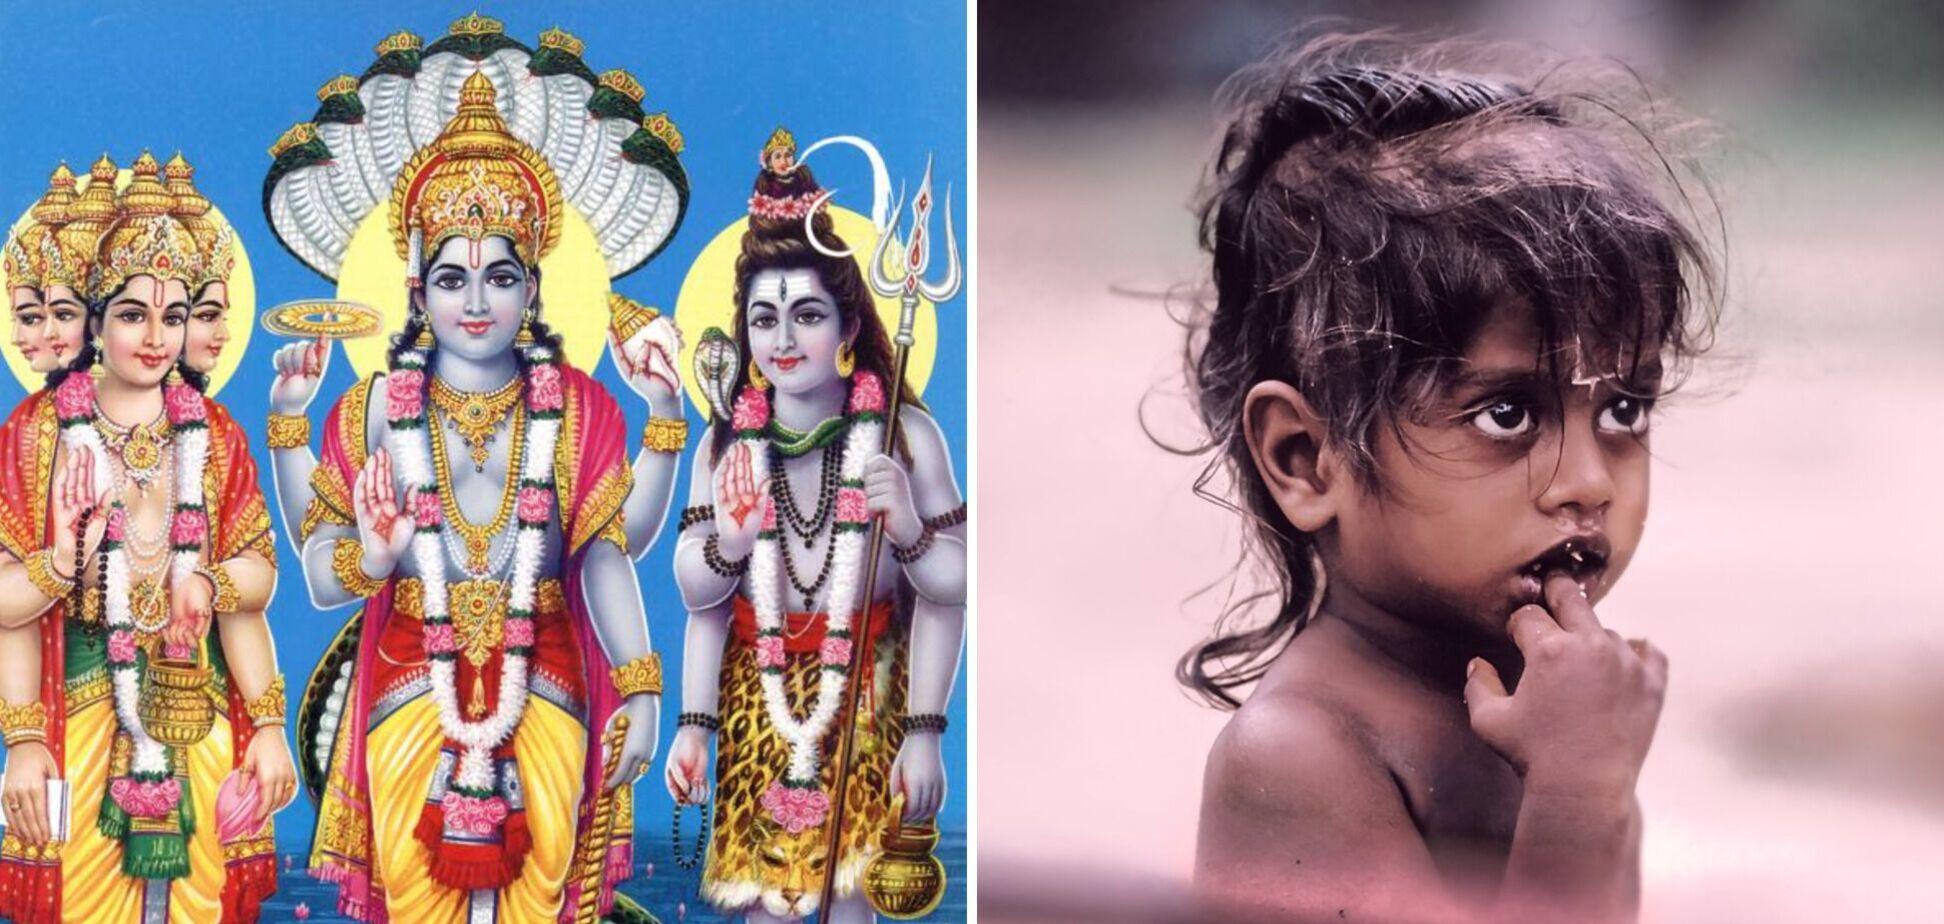 В Індії народилося триголове немовля, паломники кинулися до нього, прийнявши за бога. Фото 18+